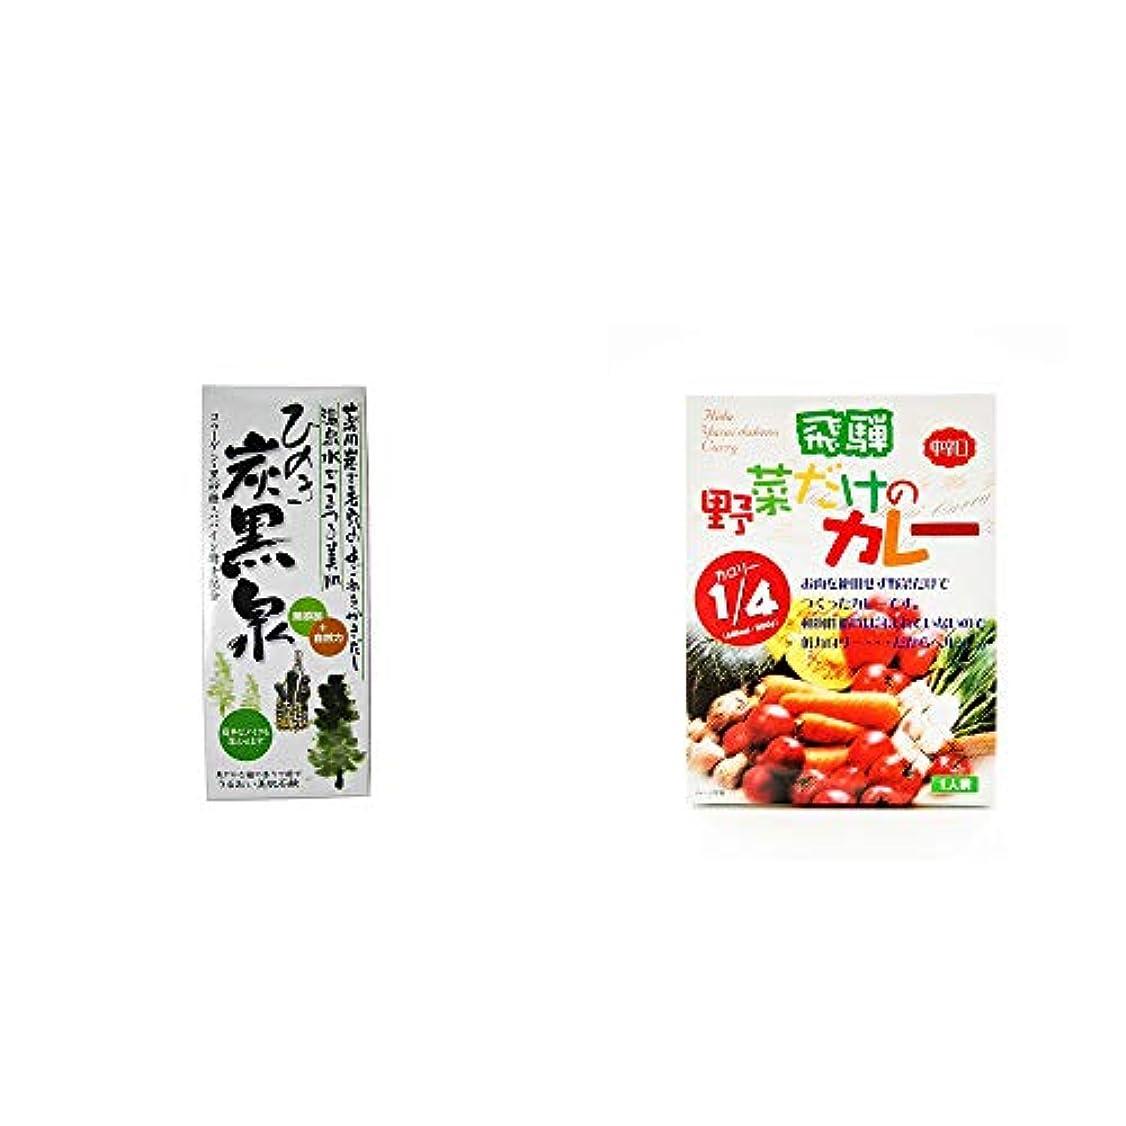 ファイル恩恵文明化[2点セット] ひのき炭黒泉 箱入り(75g×3)?天領食品 野菜だけのカレー 【中辛口】 (1食分)